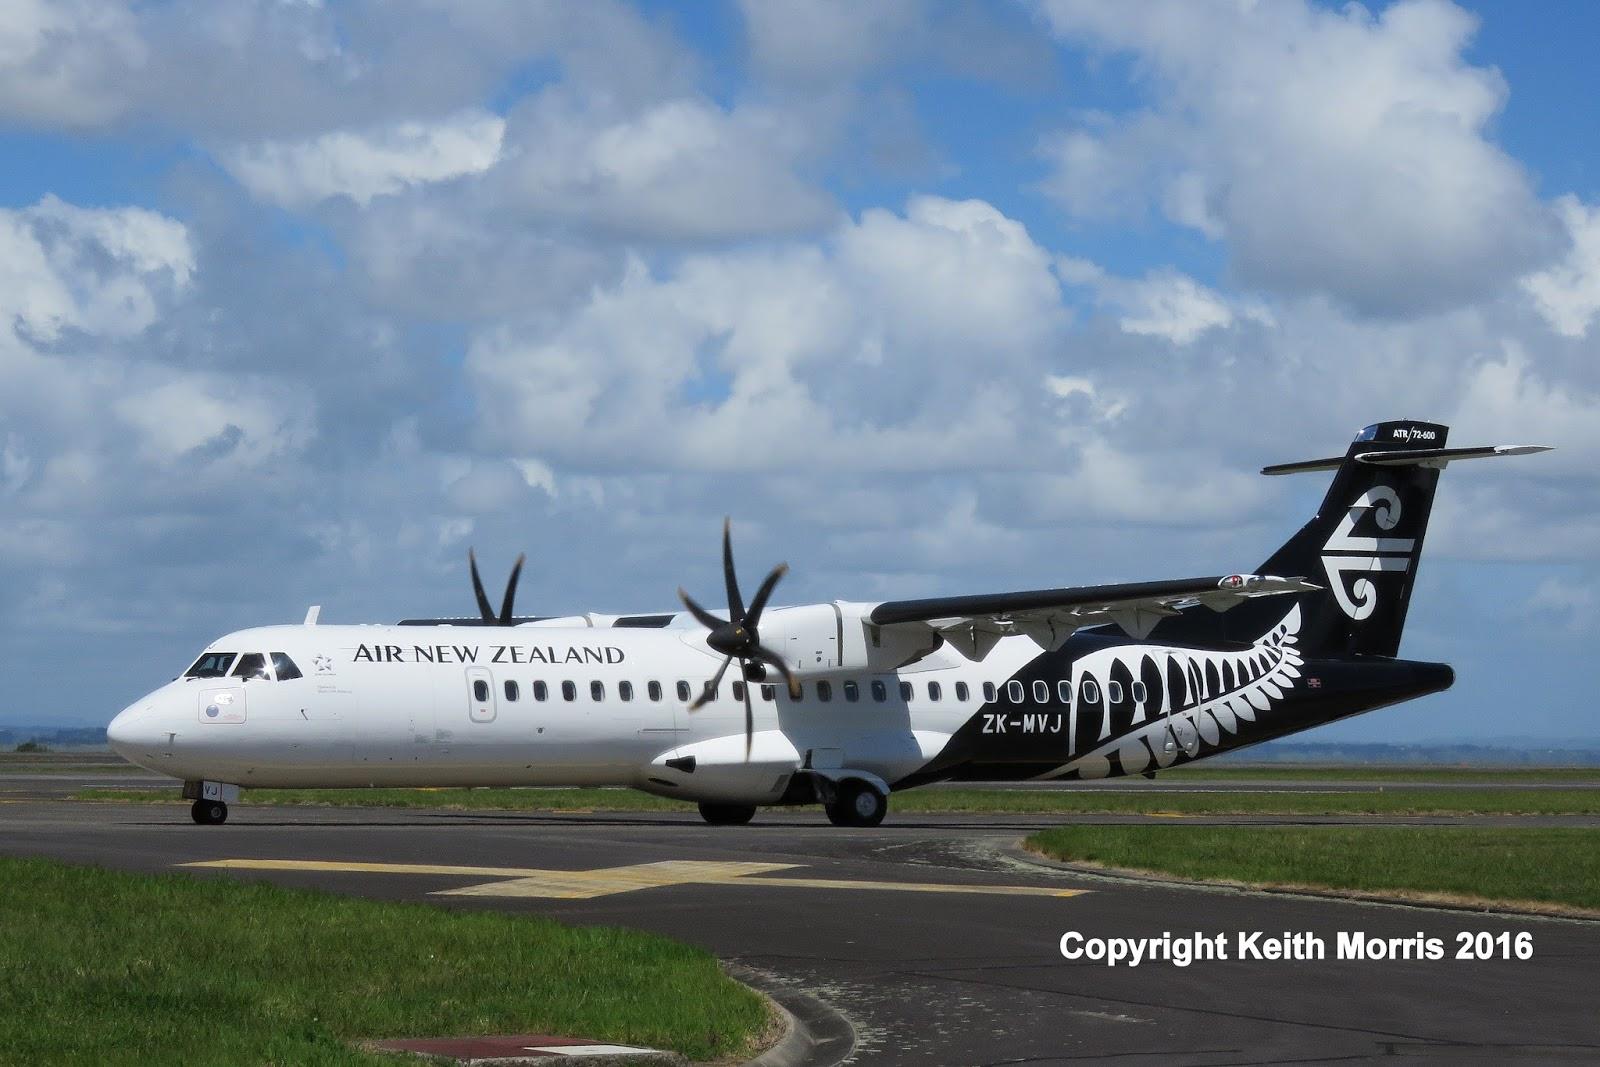 Air New Zealand Fleet Airfleets aviation - oukas info